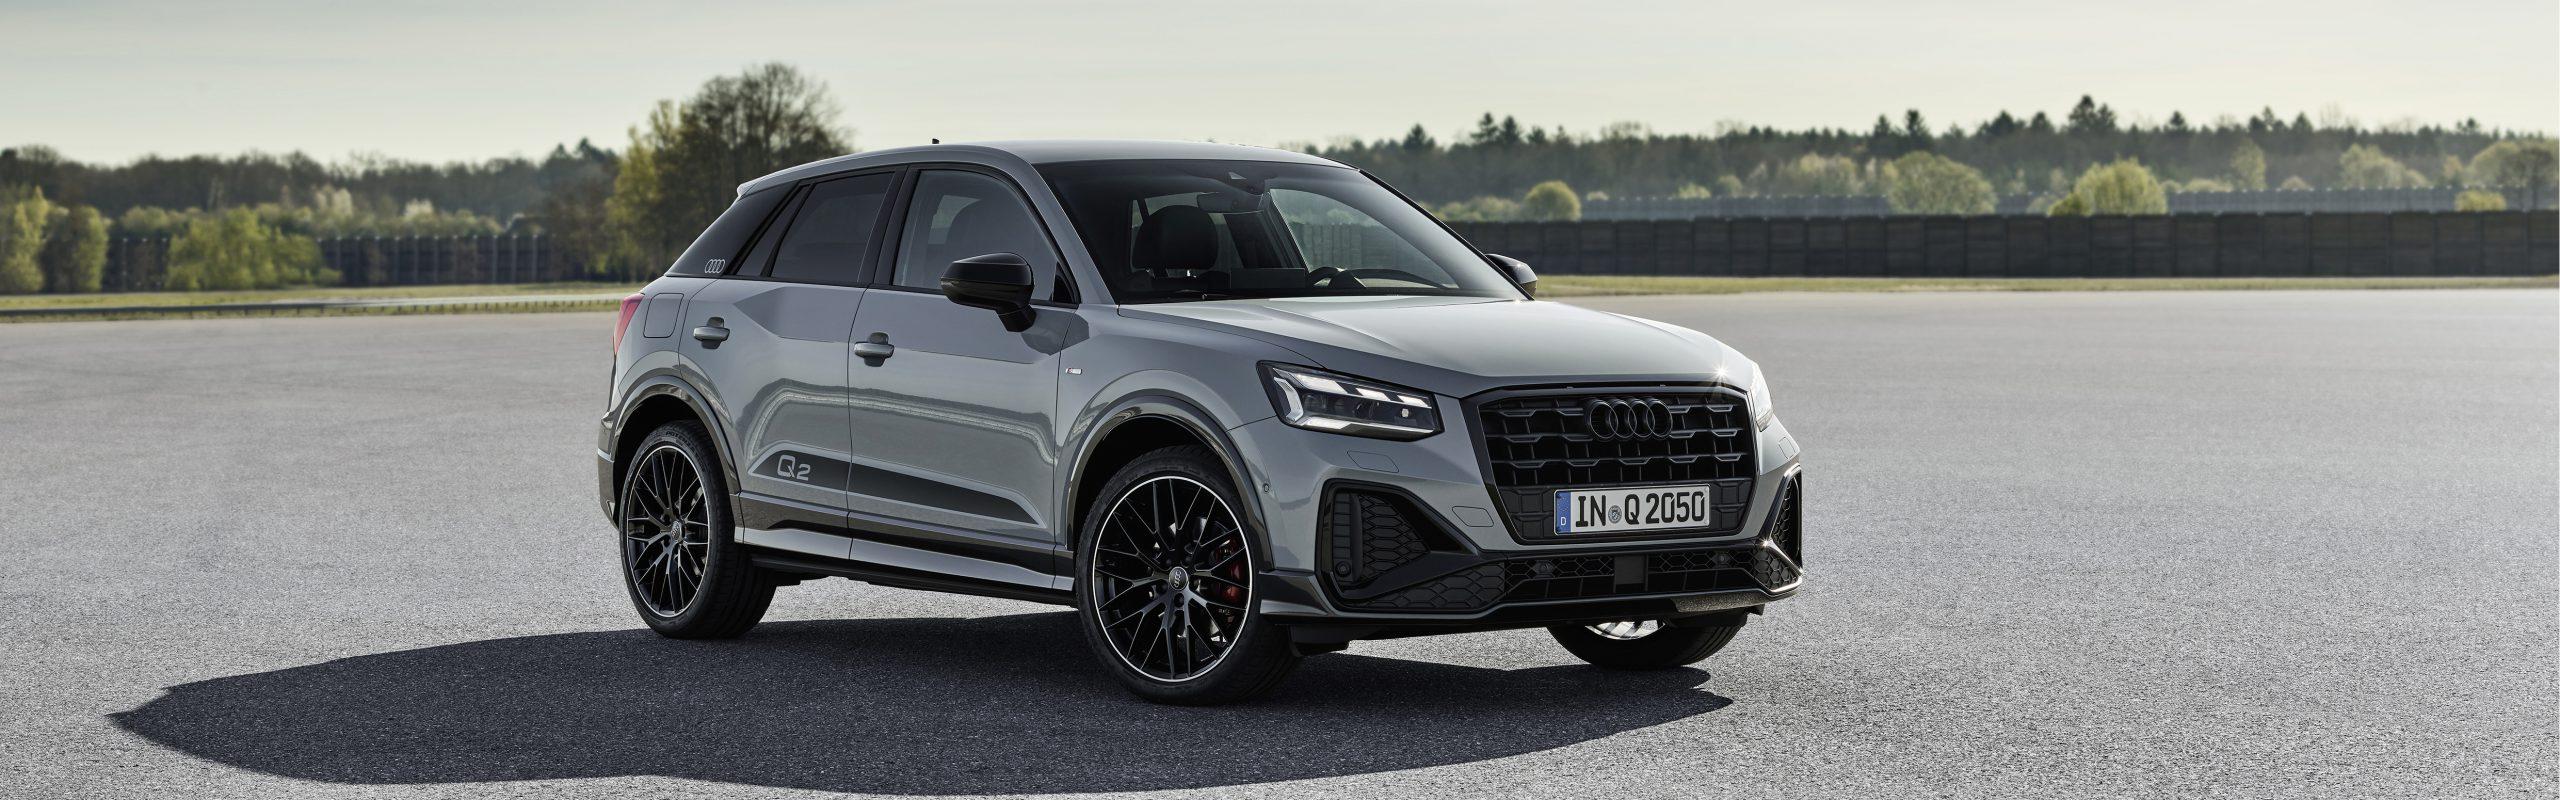 Promozione Aprile 2021 Audi Q2